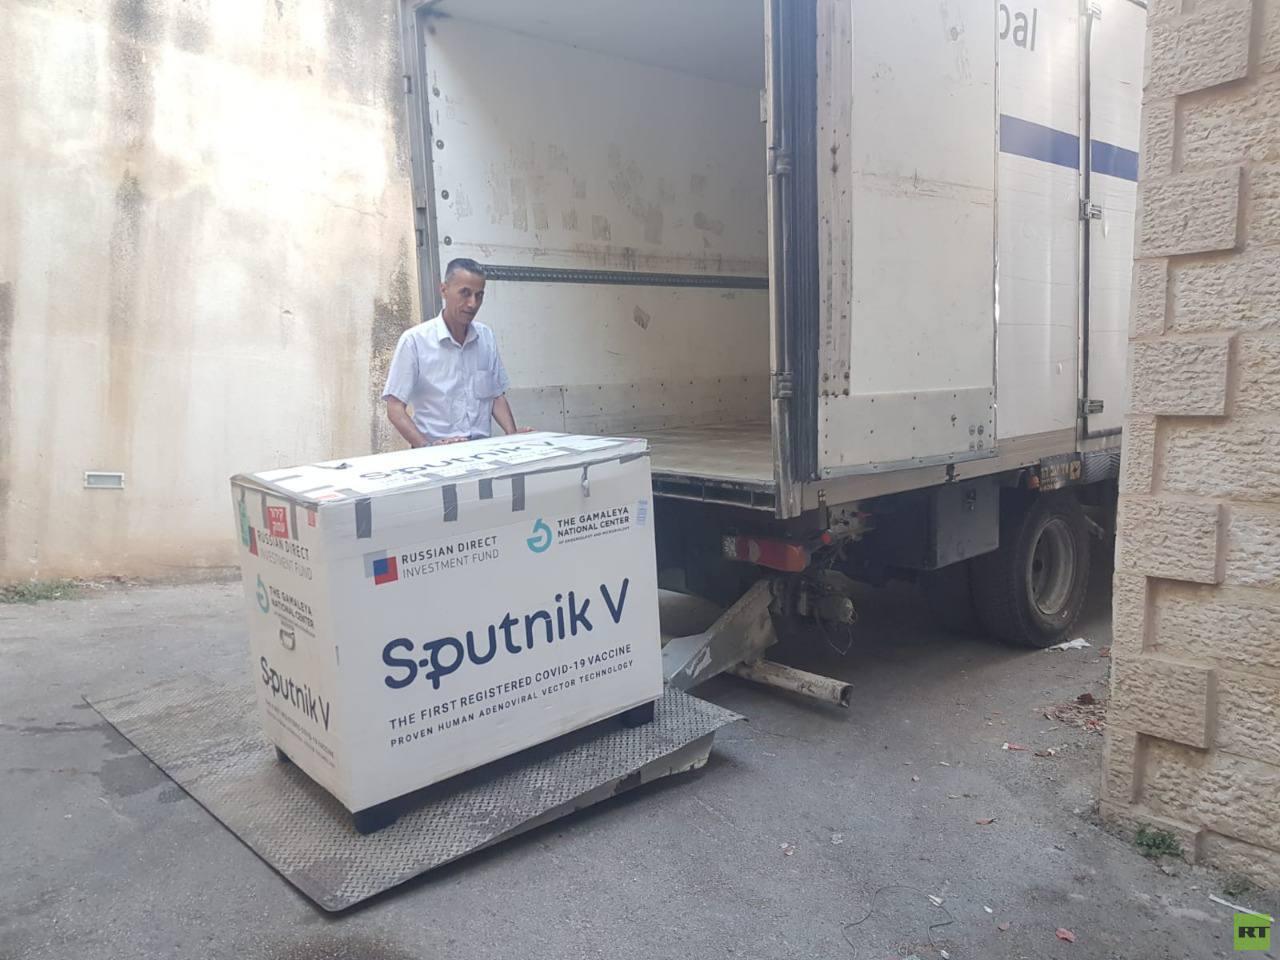 الصحة الفلسطينية: إرسال 109 آلاف جرعة لقاح مضاد لكورونا إلى مراكز وزارة الصحة في غزة